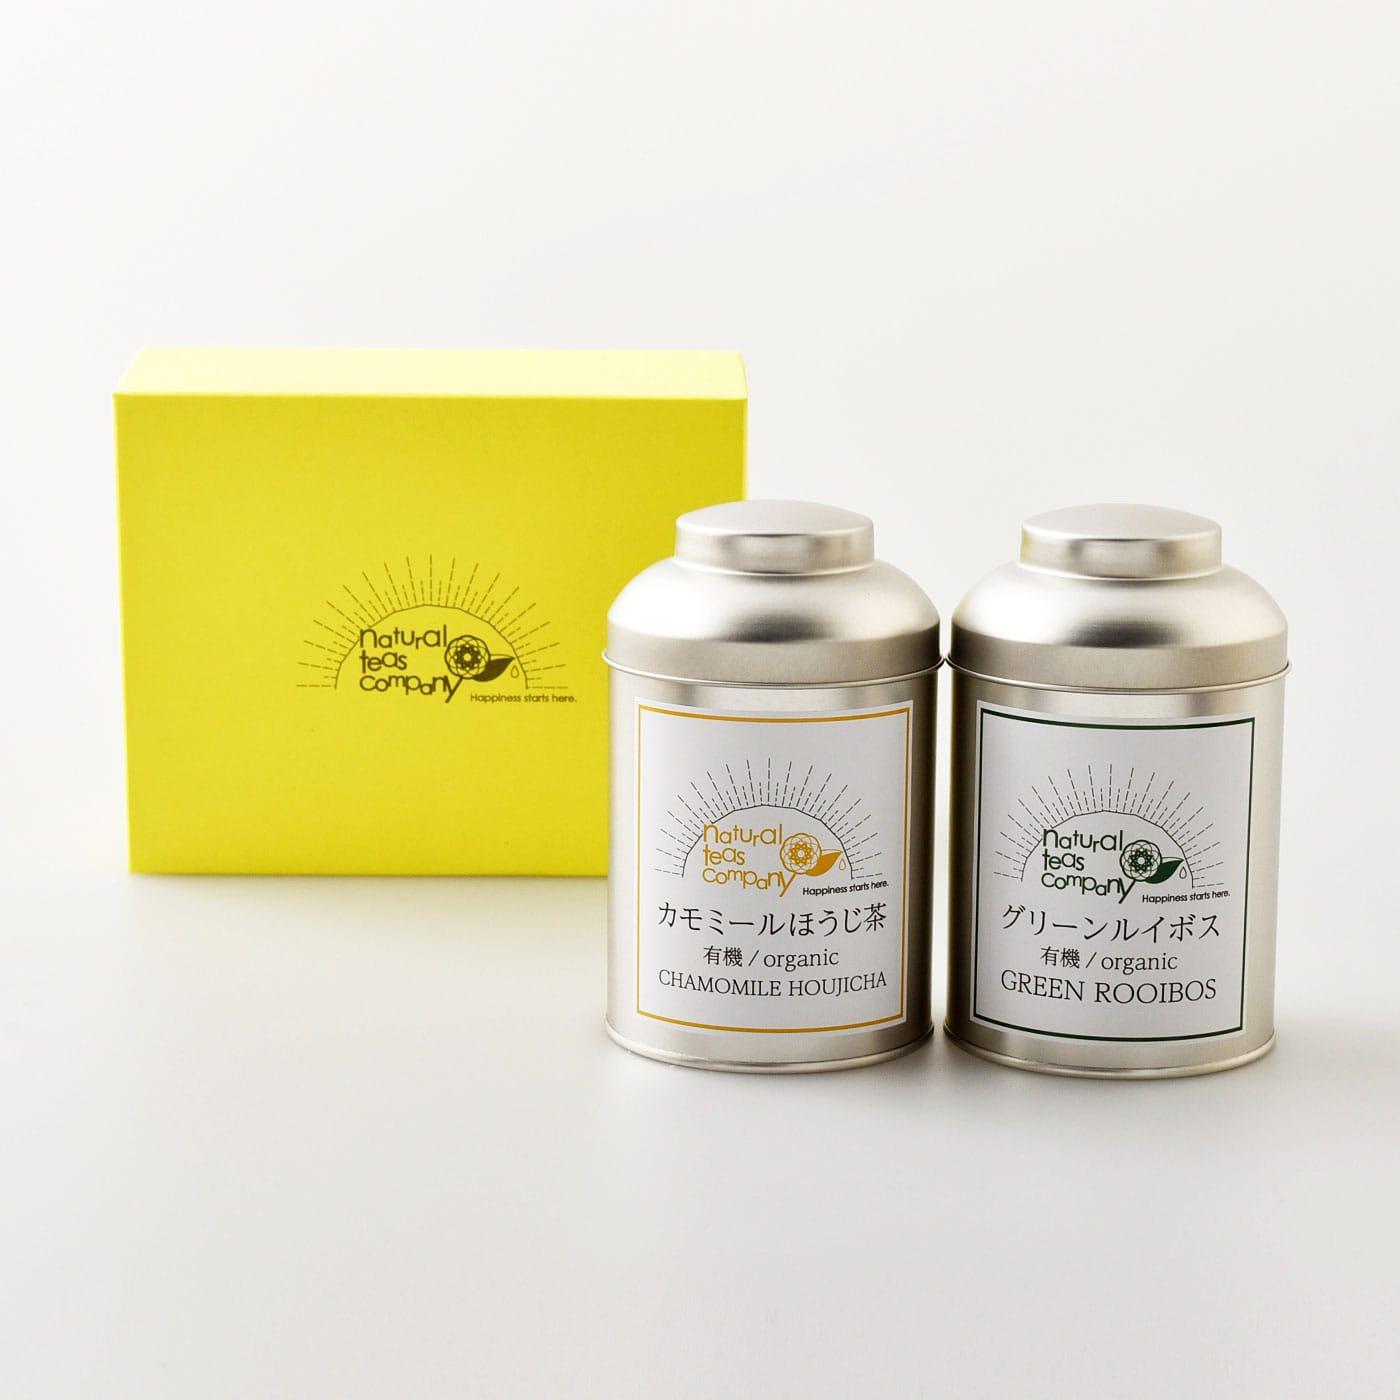 【2020母の日】 [静岡県]NTCギフト2本セット(有機グリーンルイボス・有機カモミールほうじ茶)<:V04809999028:>